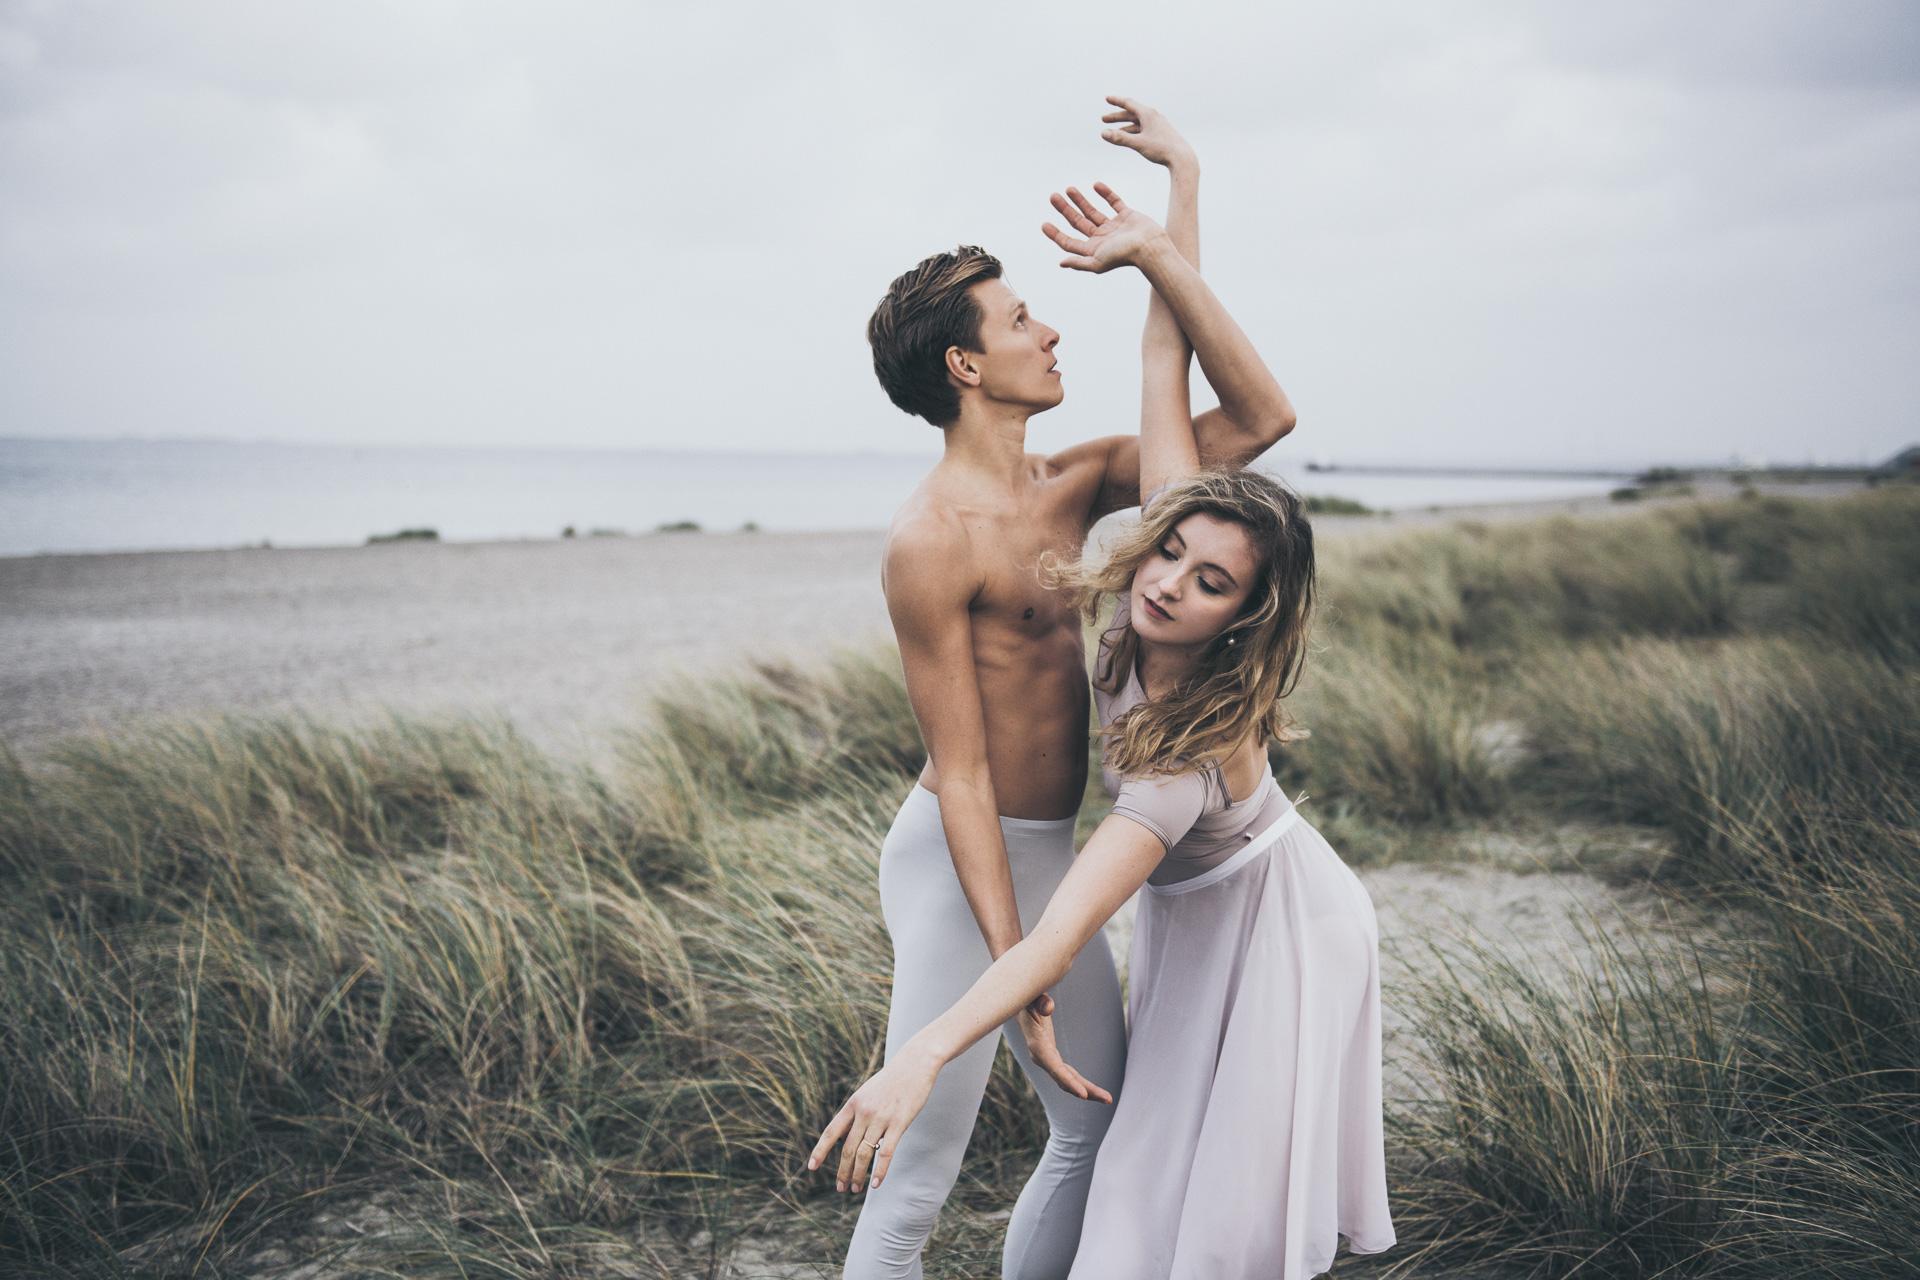 Selina_Meier_Dance_040.jpg